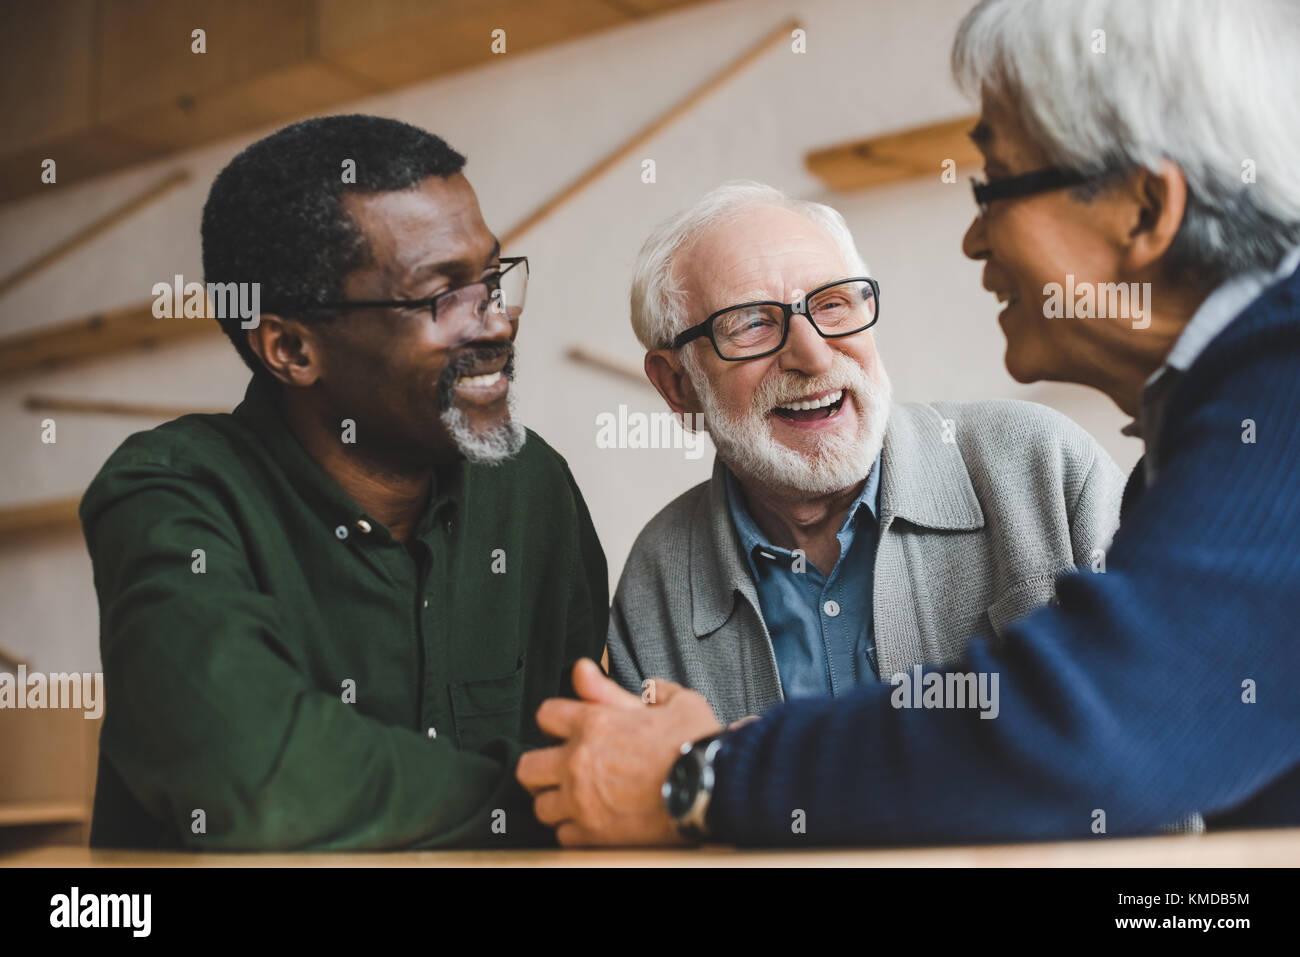 Ältere Freunde Zeit miteinander zu verbringen Stockbild